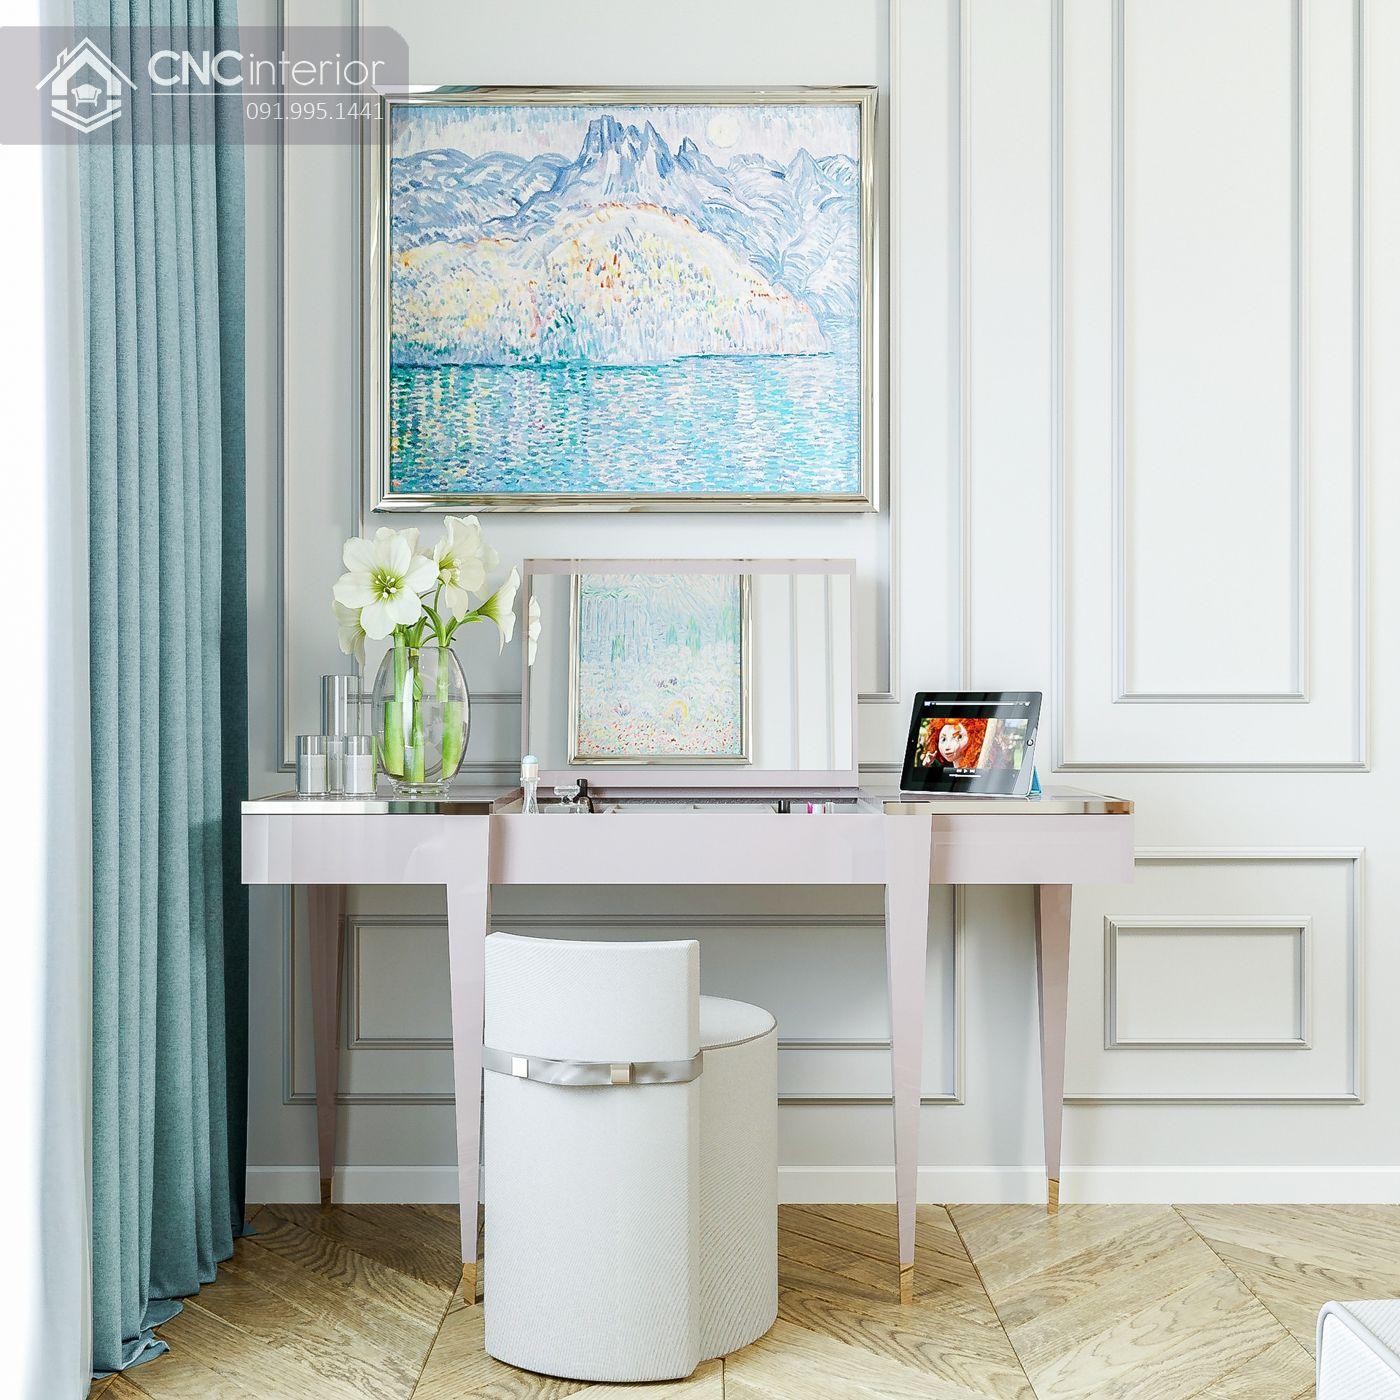 các mẫu thiết kế nội thất phòng ngủ đẹp 5